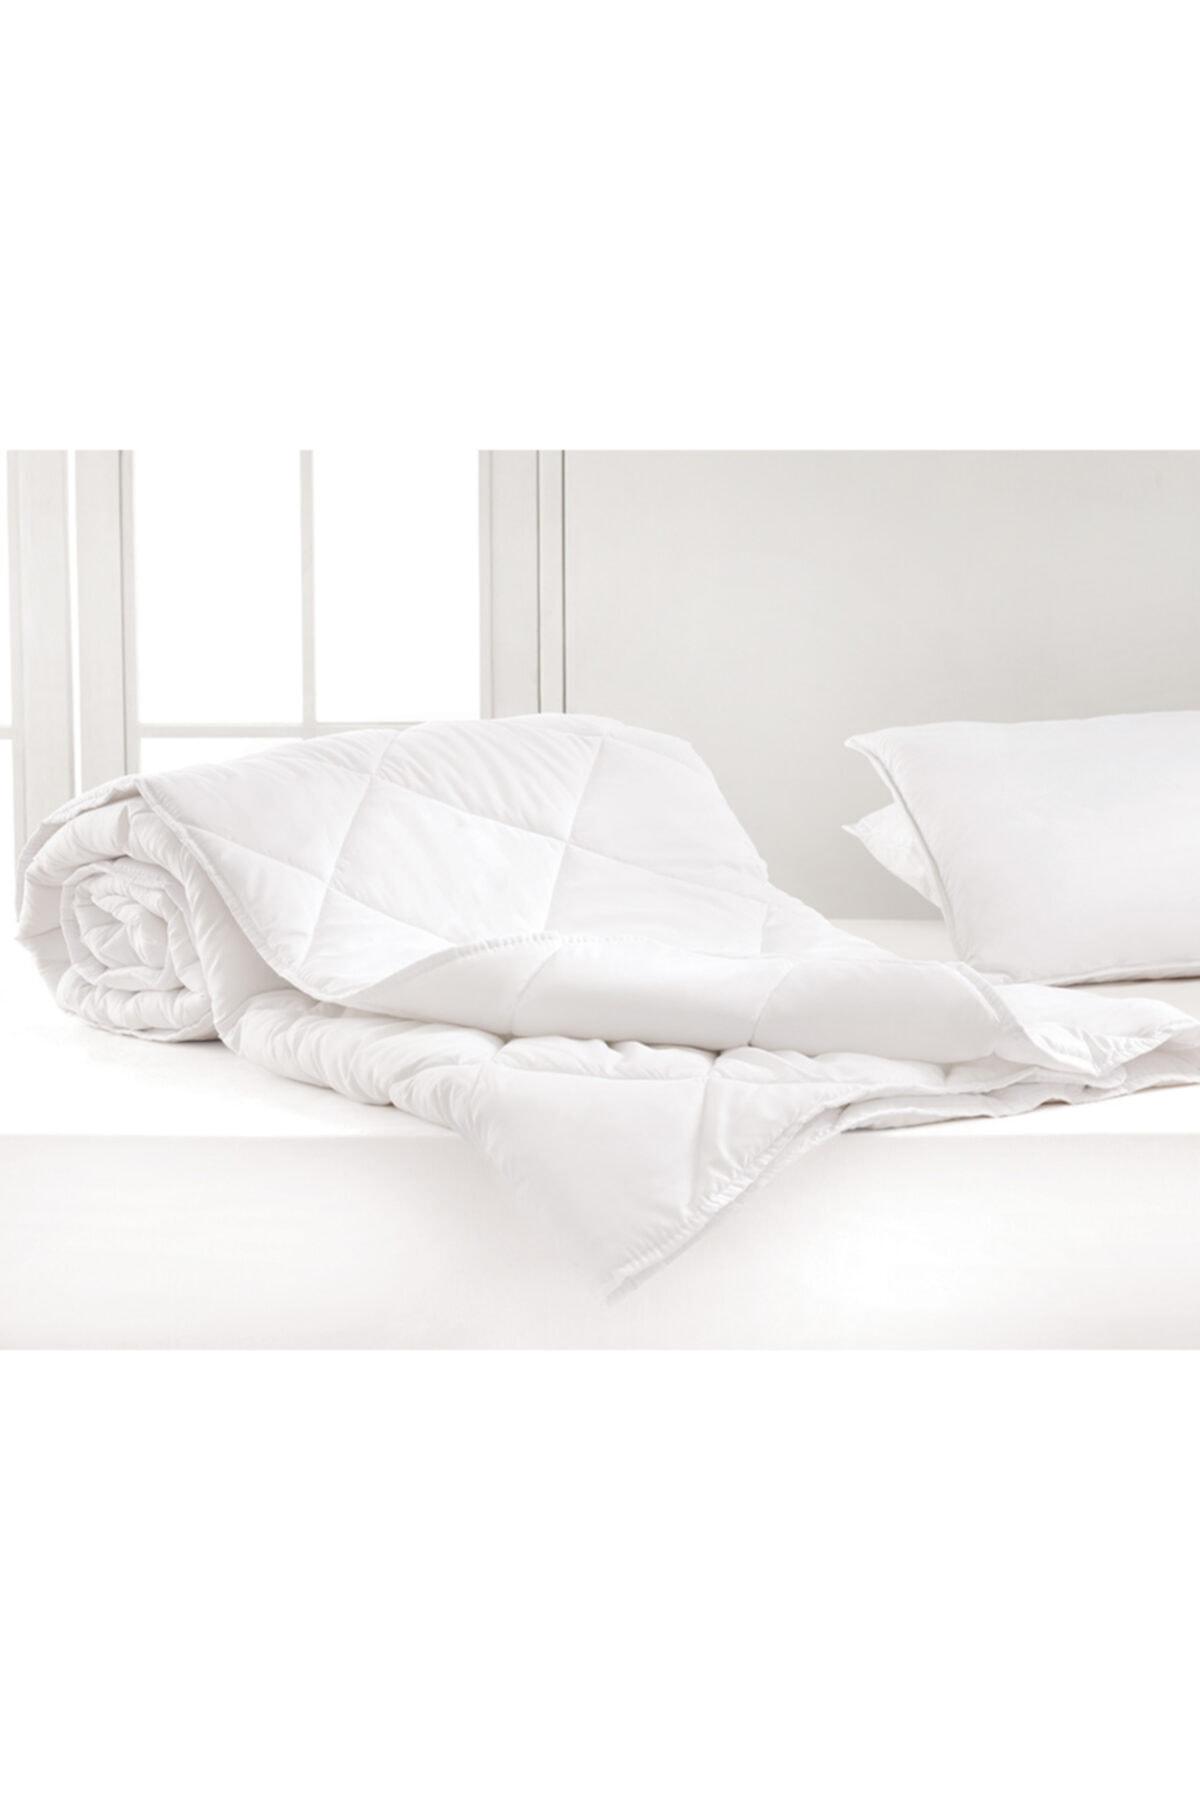 English Home Siesta Mikrofiber Beyaz Çift Kişilik Yorgan 195x215 cm 2